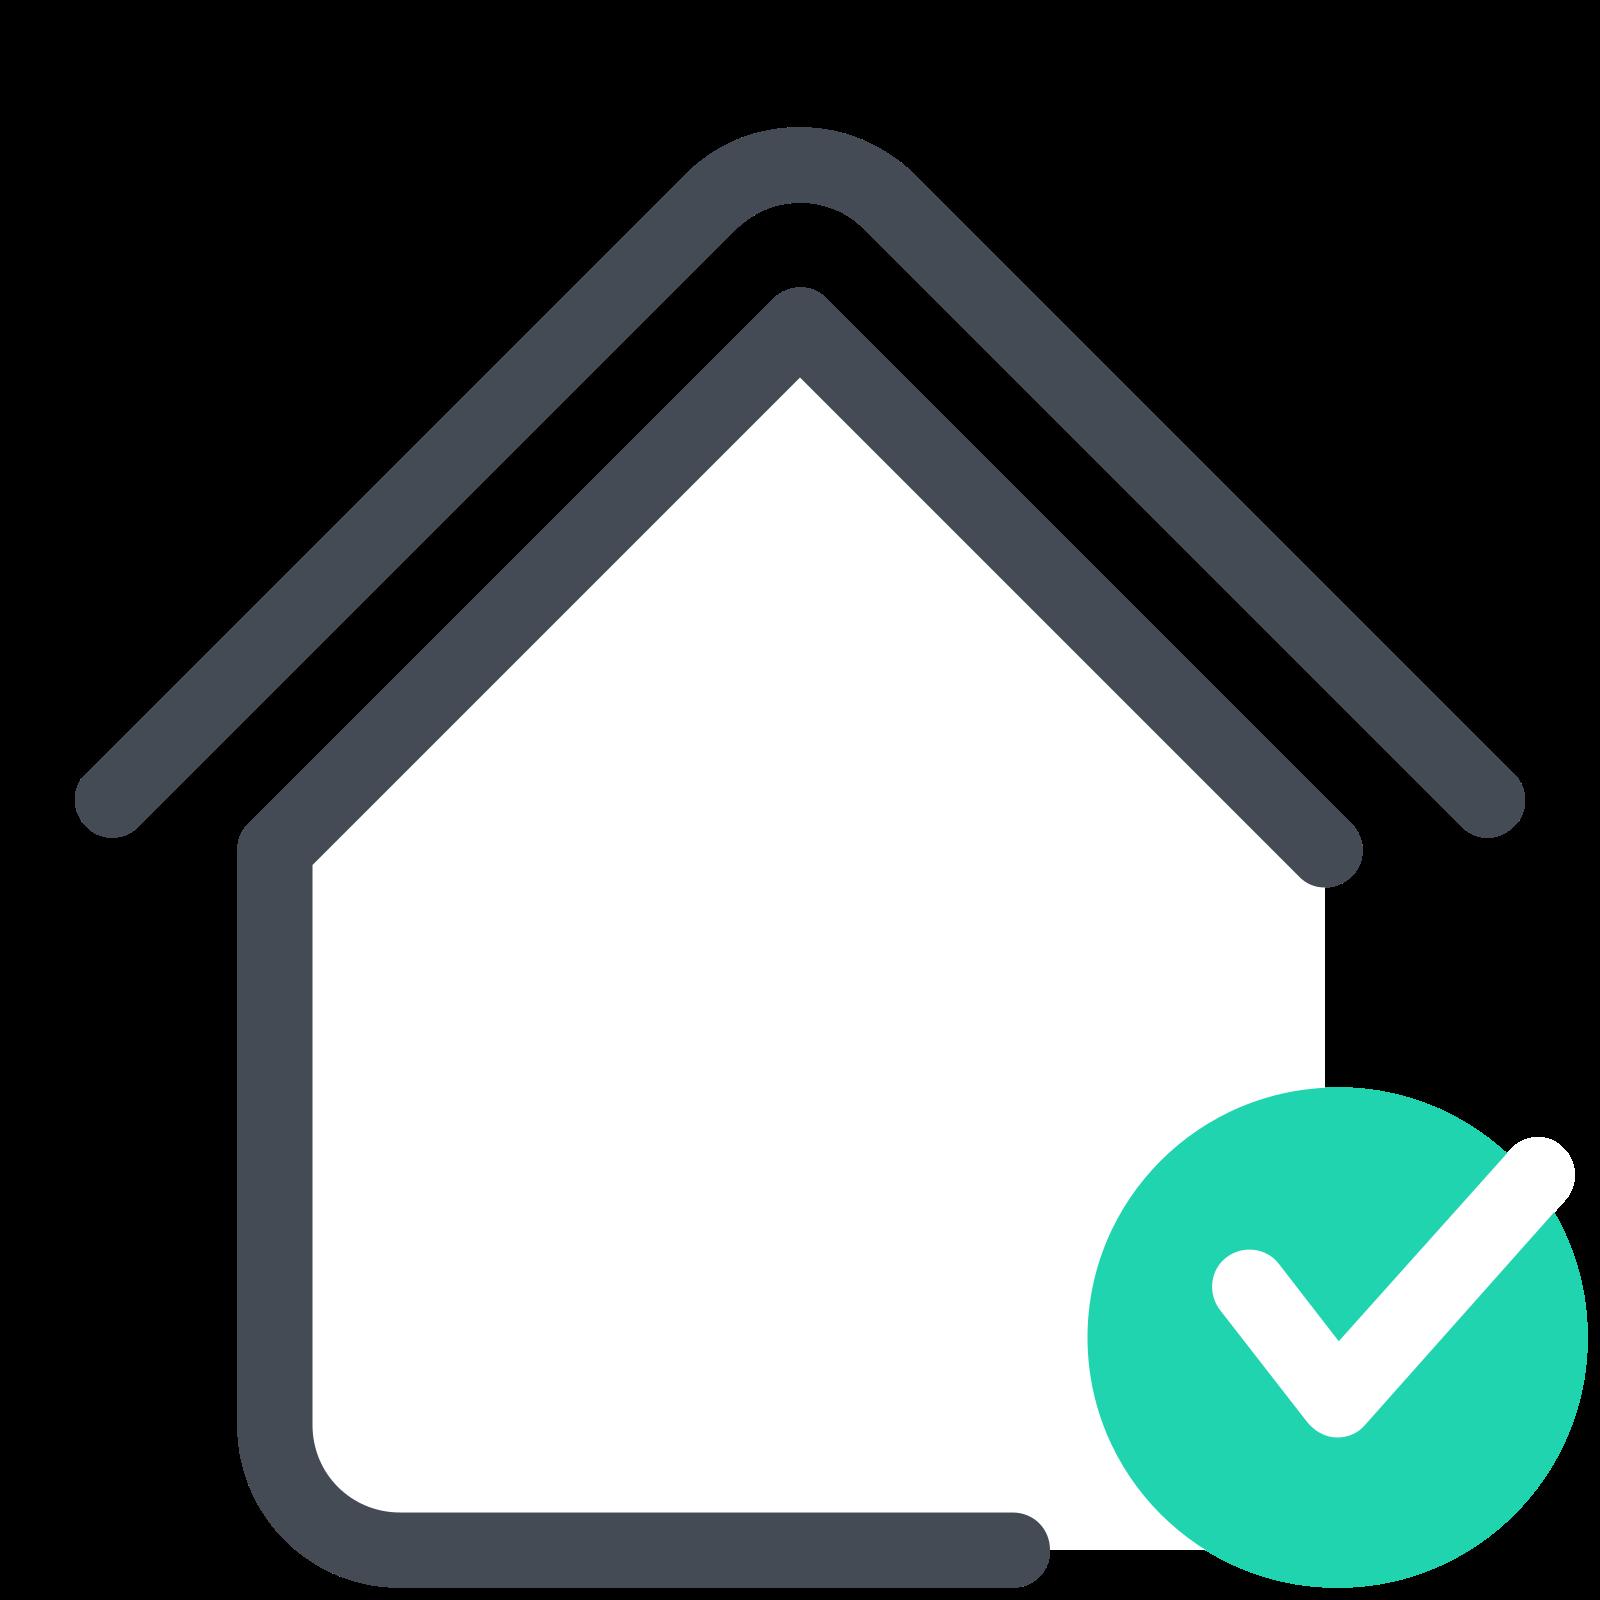 Умный дом проверен icon